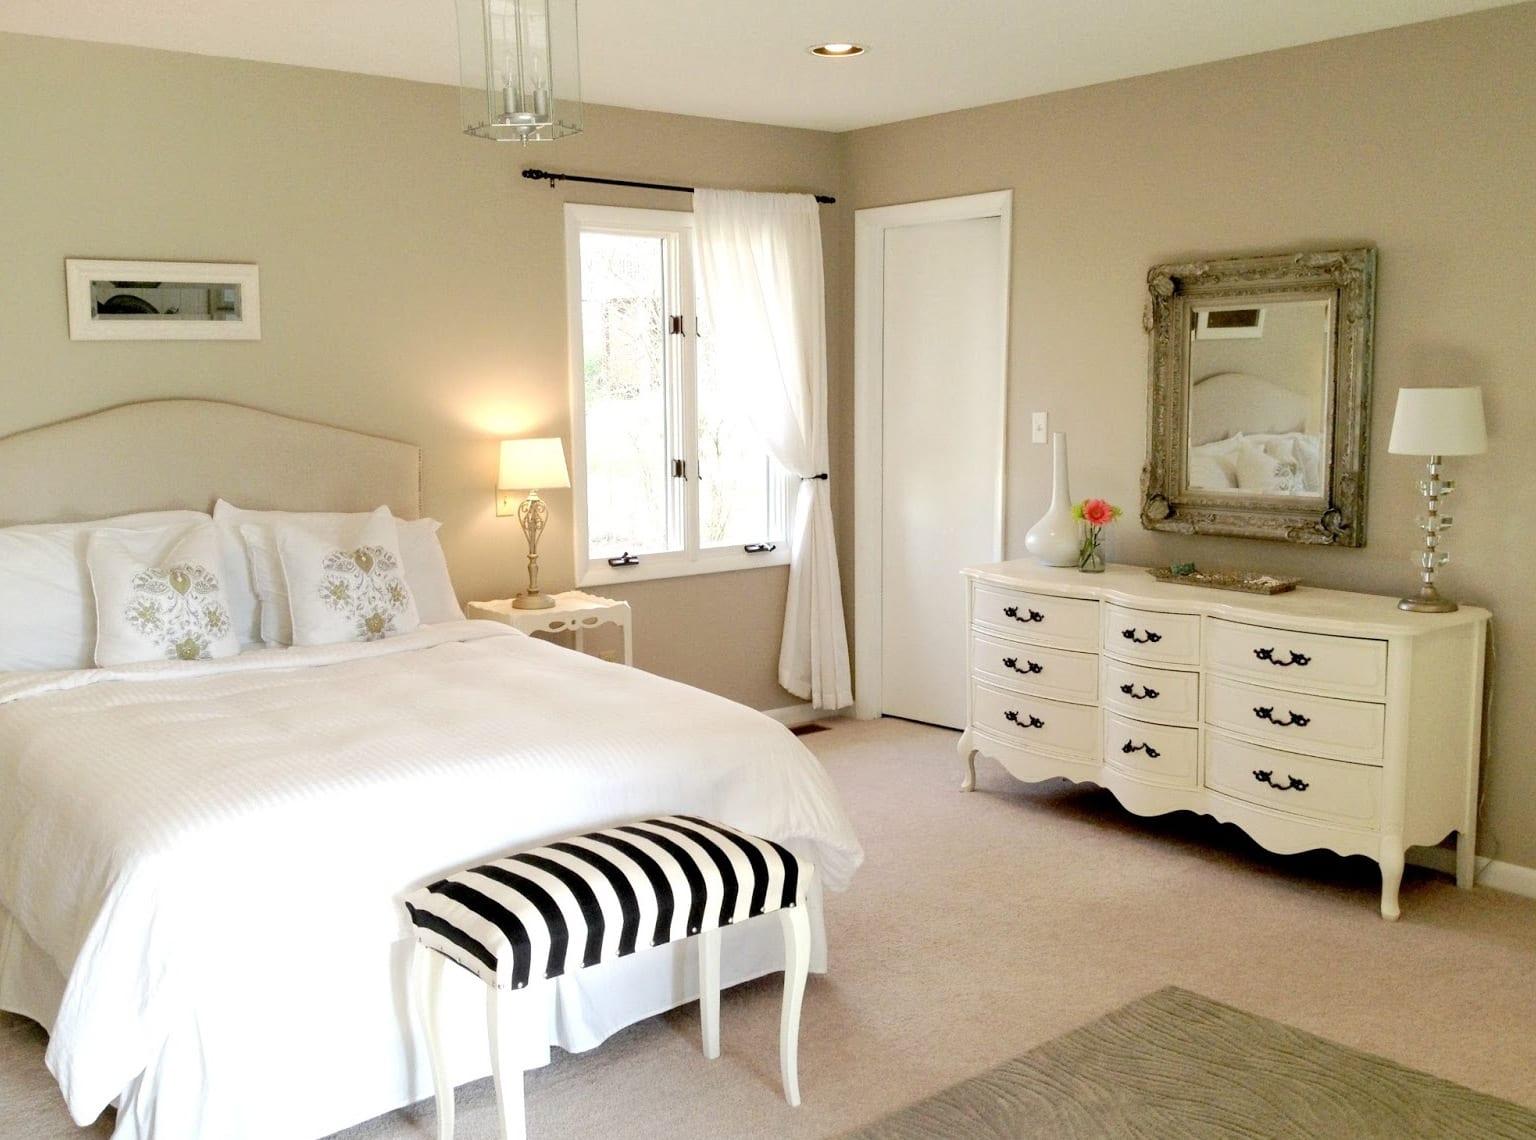 Moderne Schlafzimmer Beige Mit Rustikalen Sideboard Weiß Und Hocker Mit  Schwarz Weißen Streifen